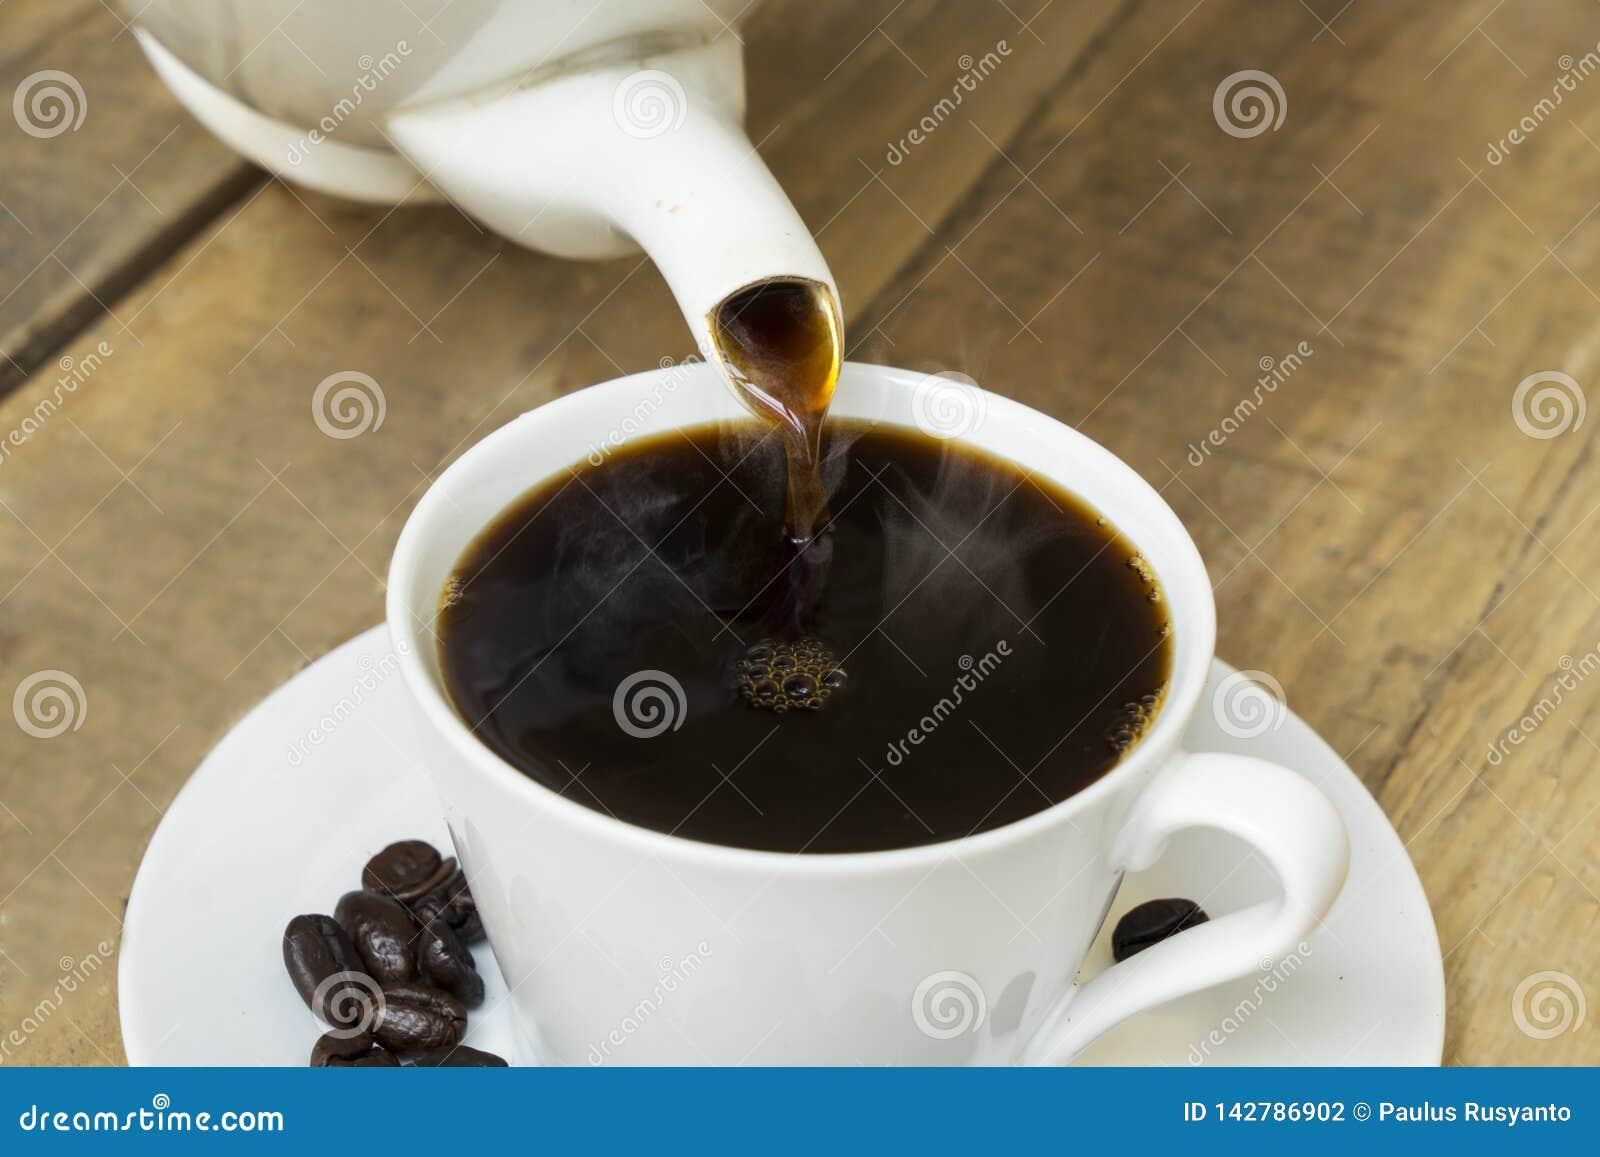 Aromatyczny kawowy dolewanie w filiżankę na stole